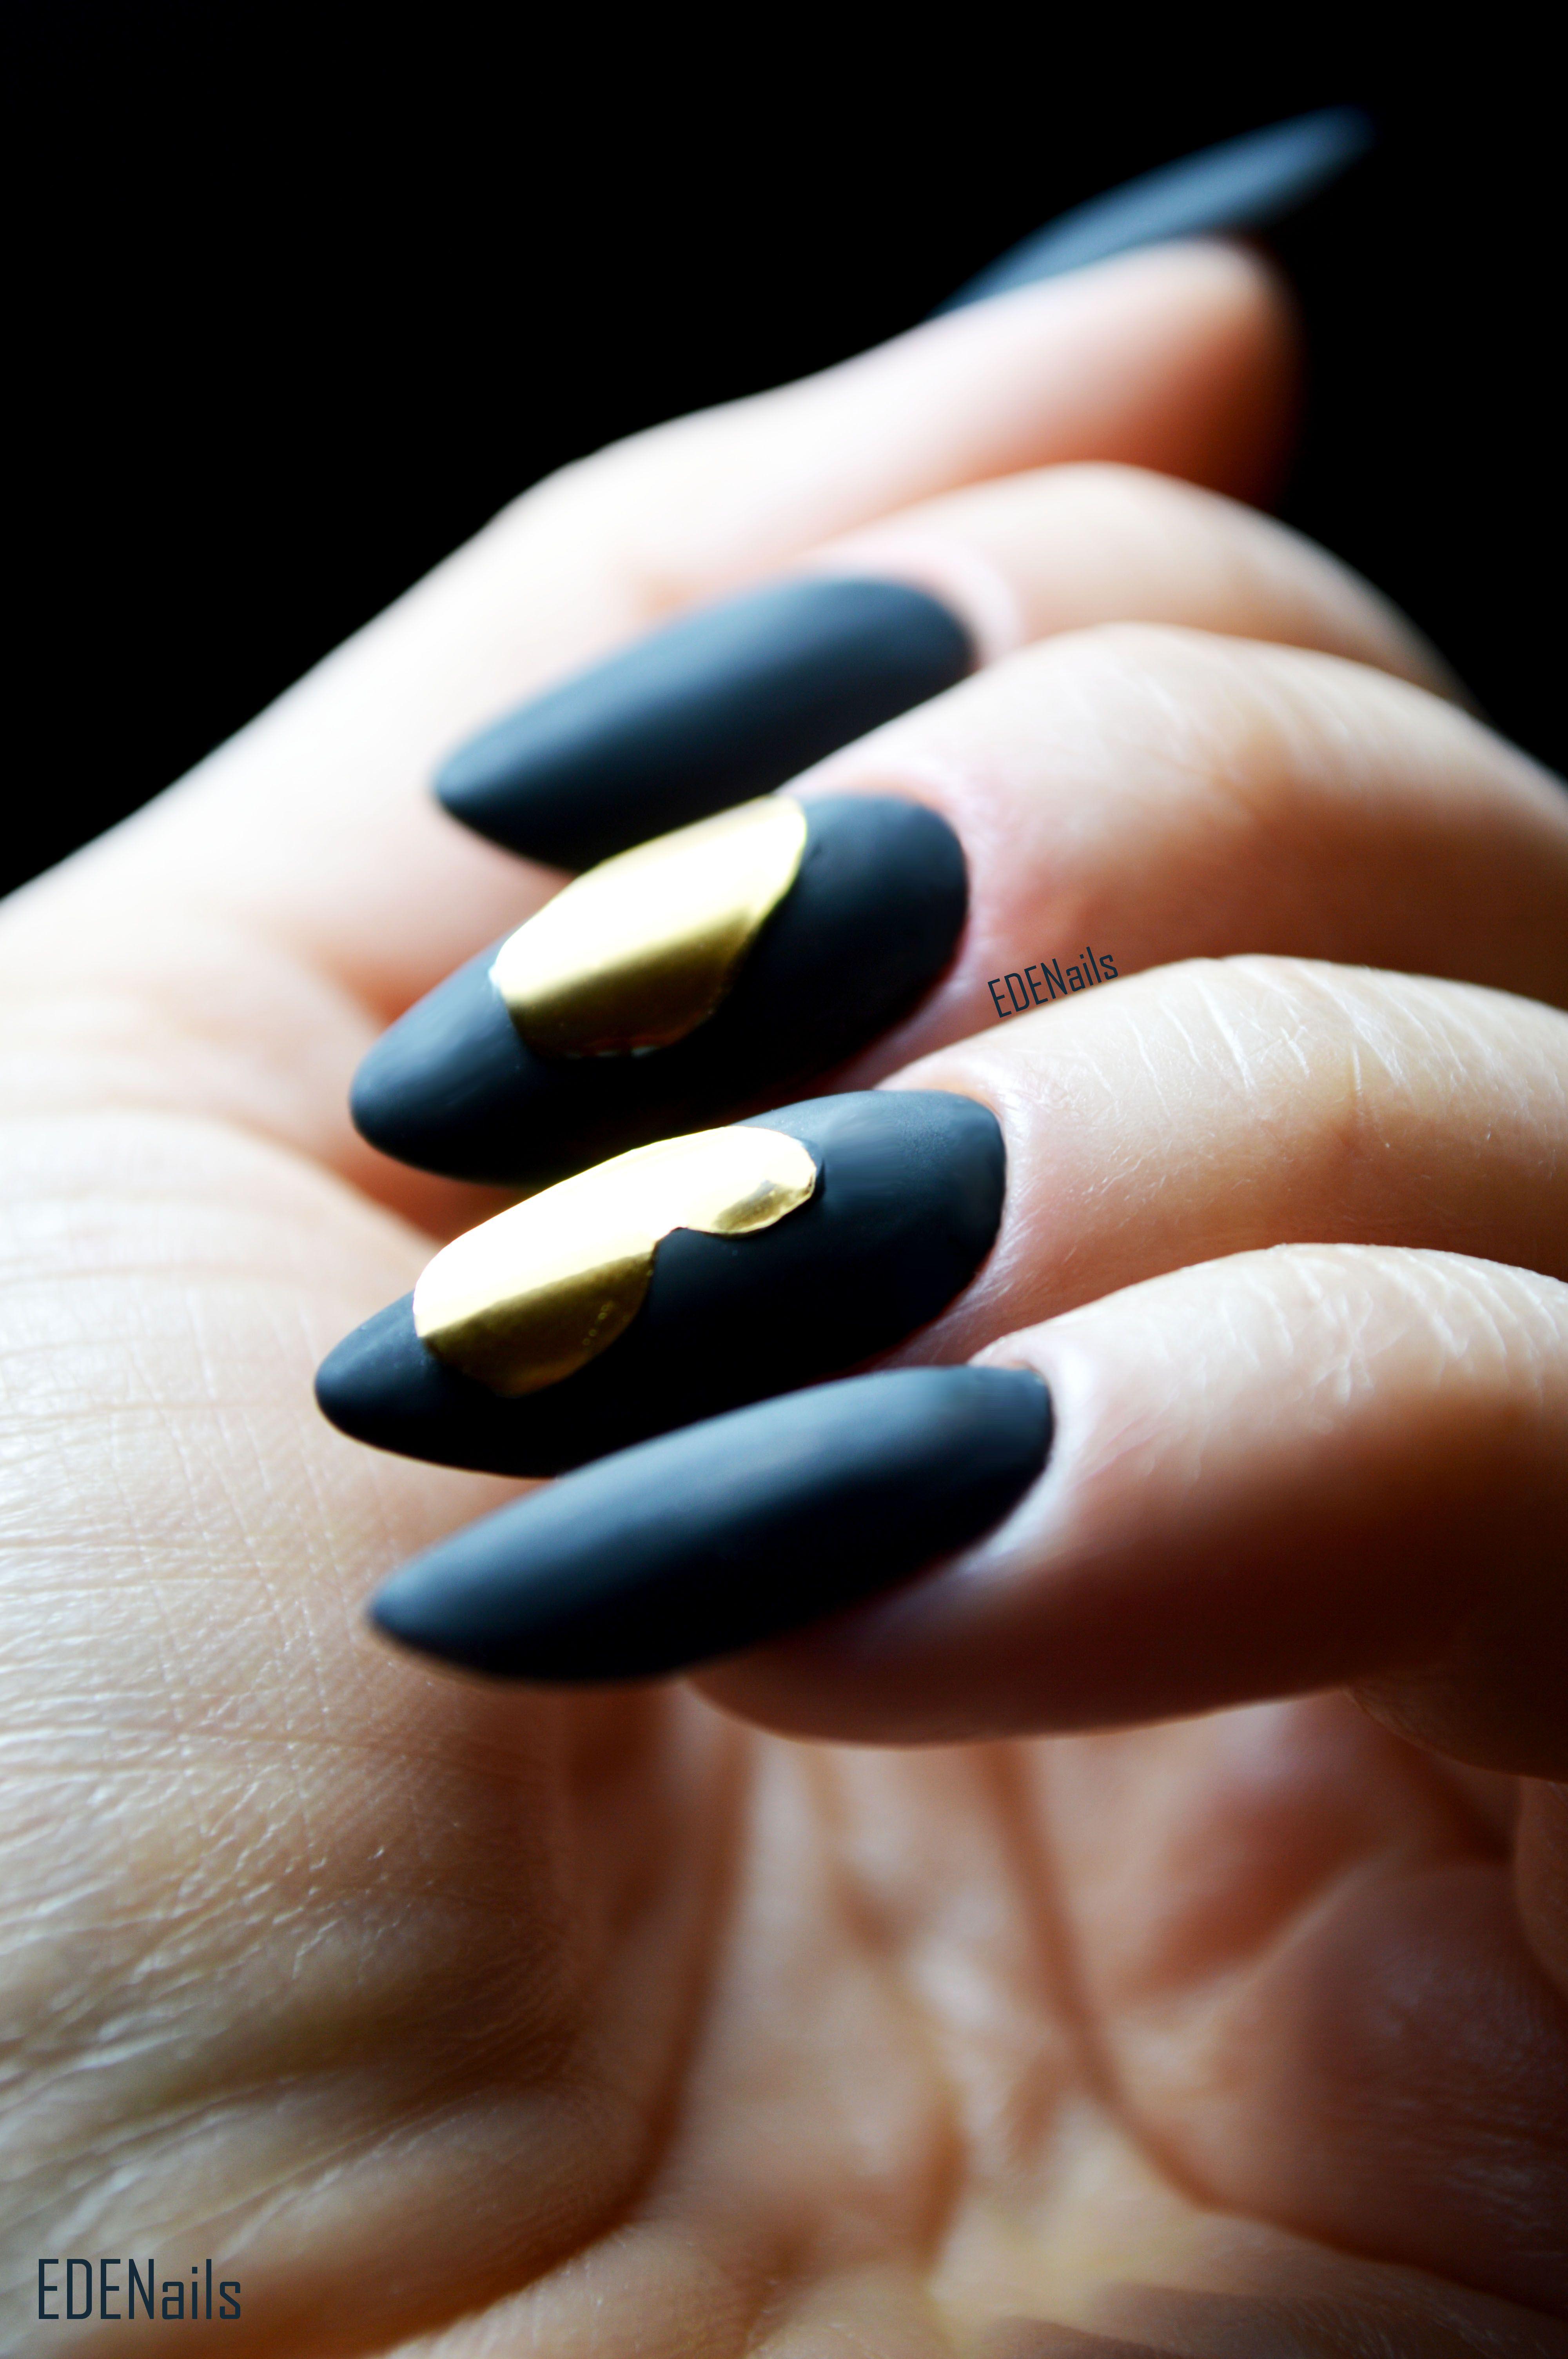 Nogti Nails Paznokcie Mani Mat Matt Matowe Matowepaznokcie